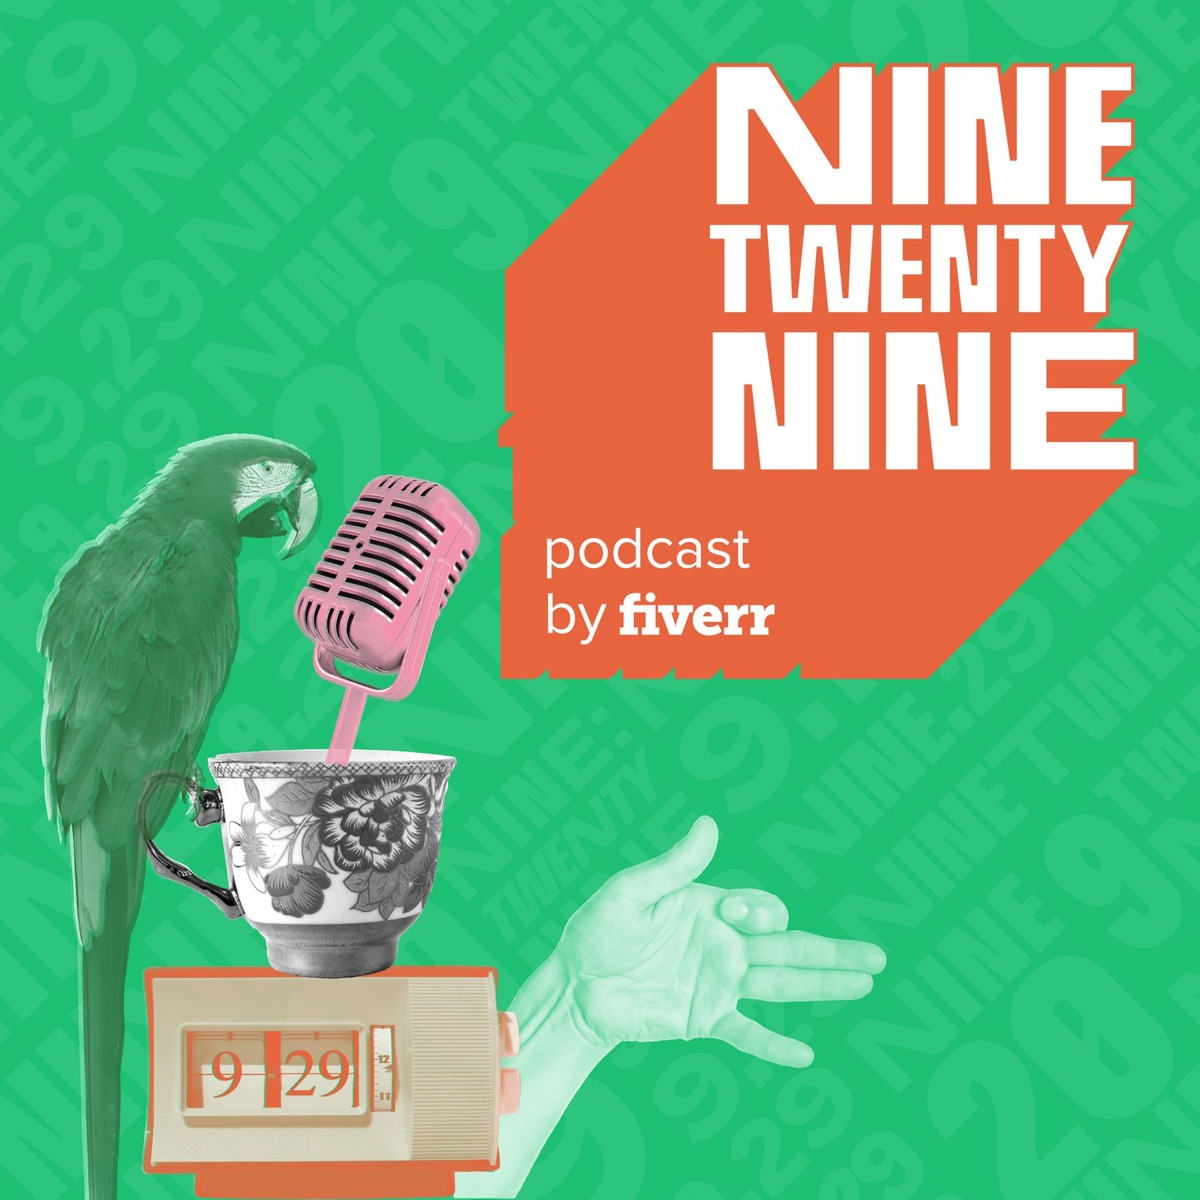 Ninetwentynine